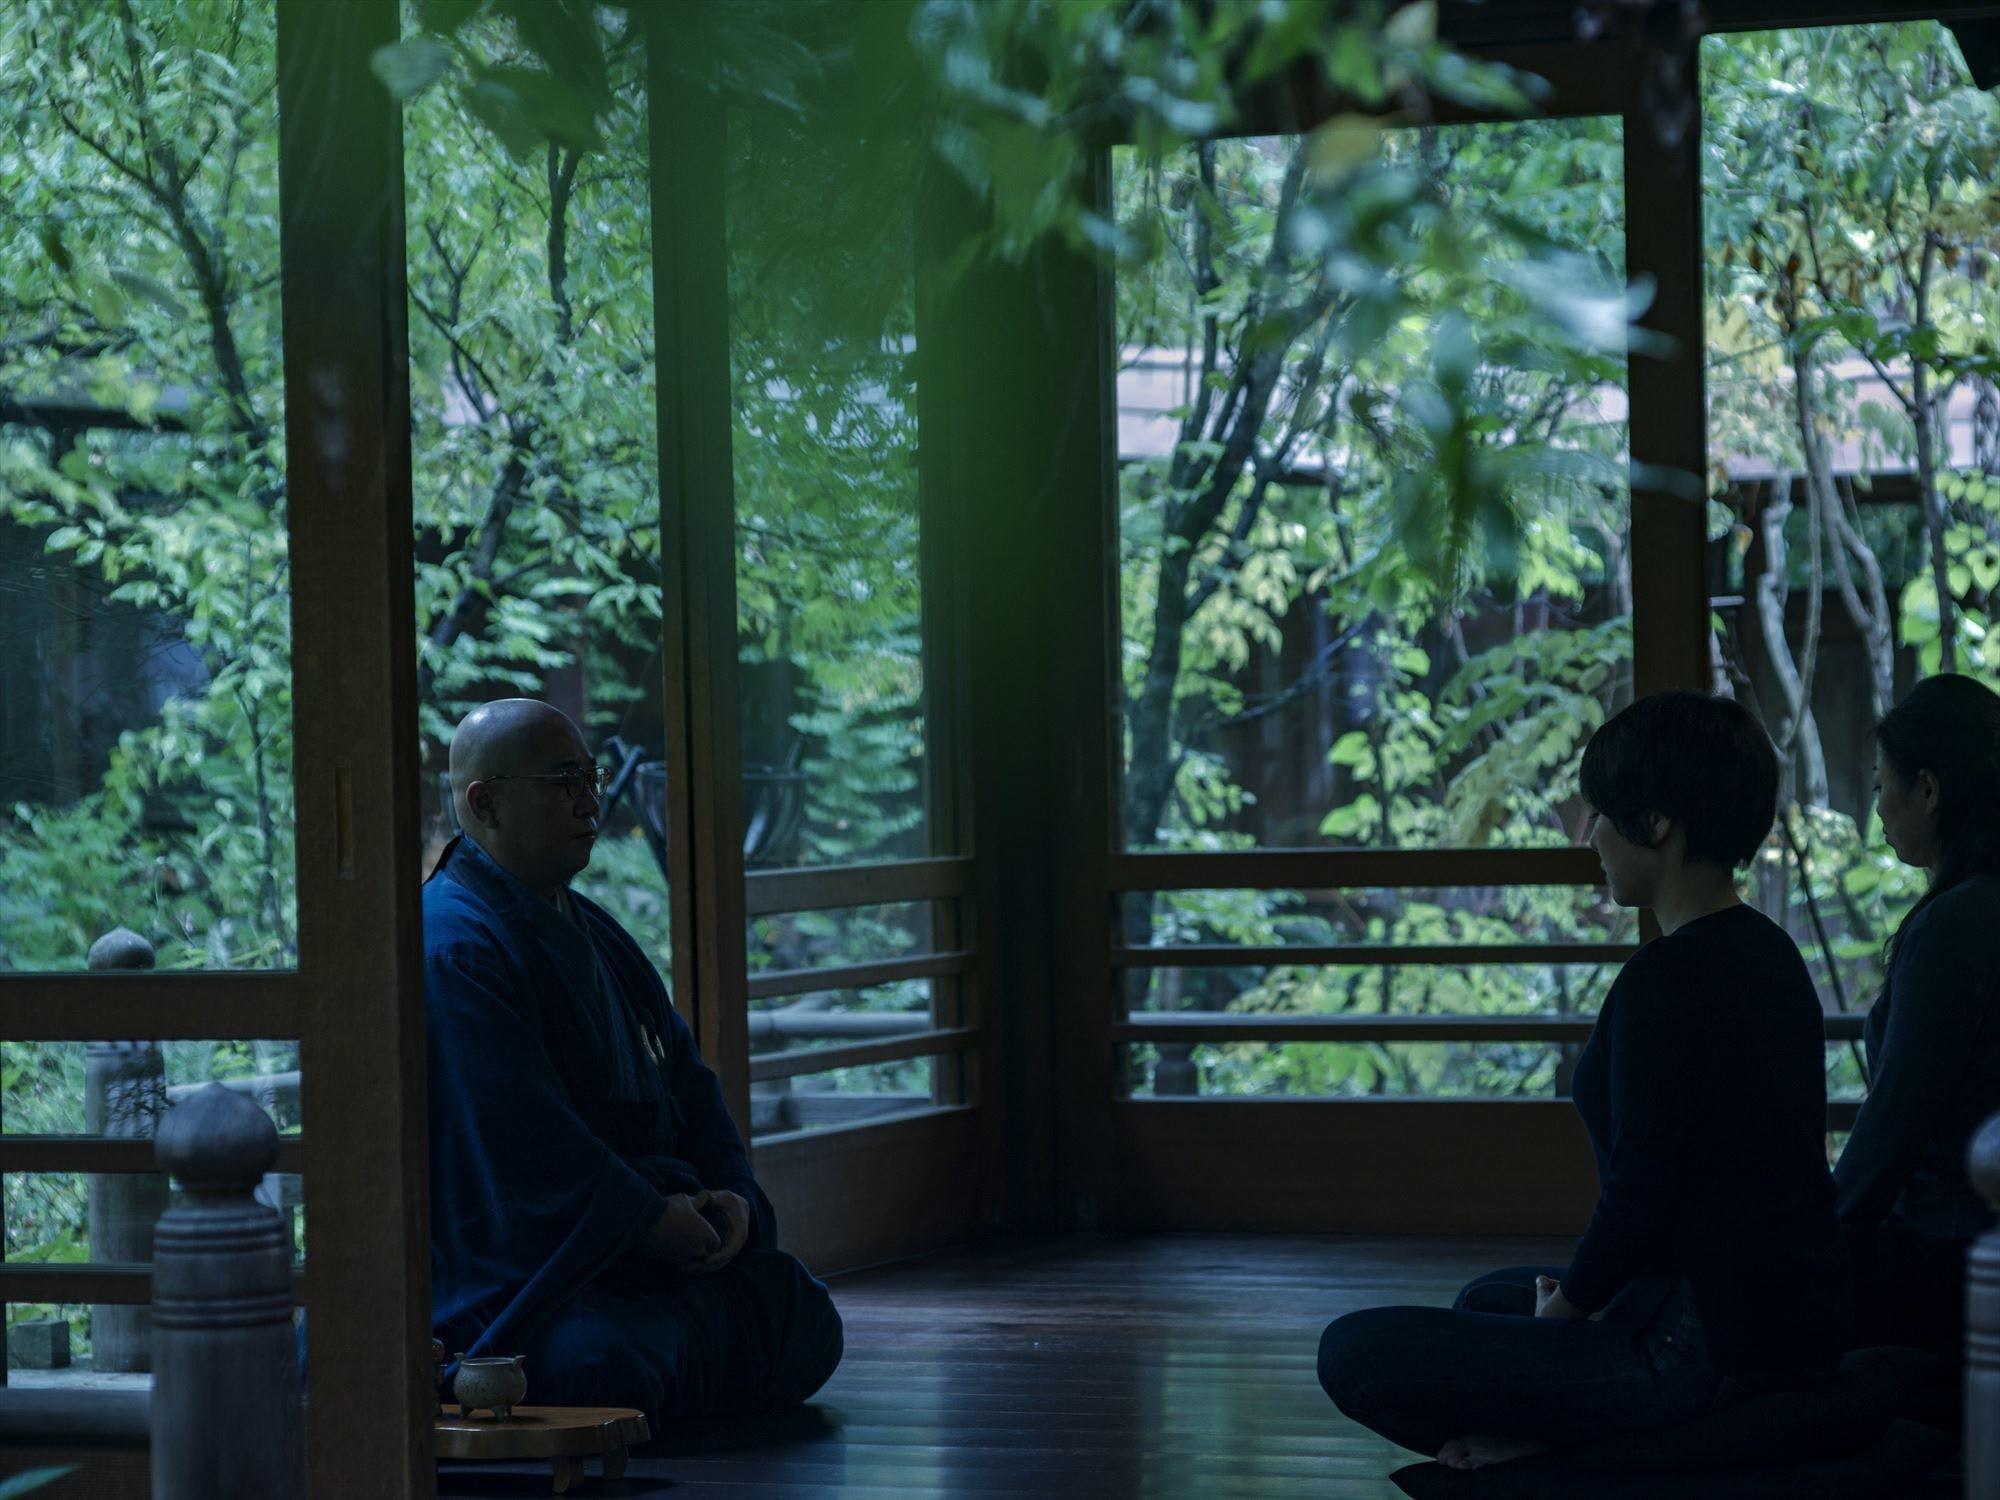 座禅やお茶など、禅の世界に触れる